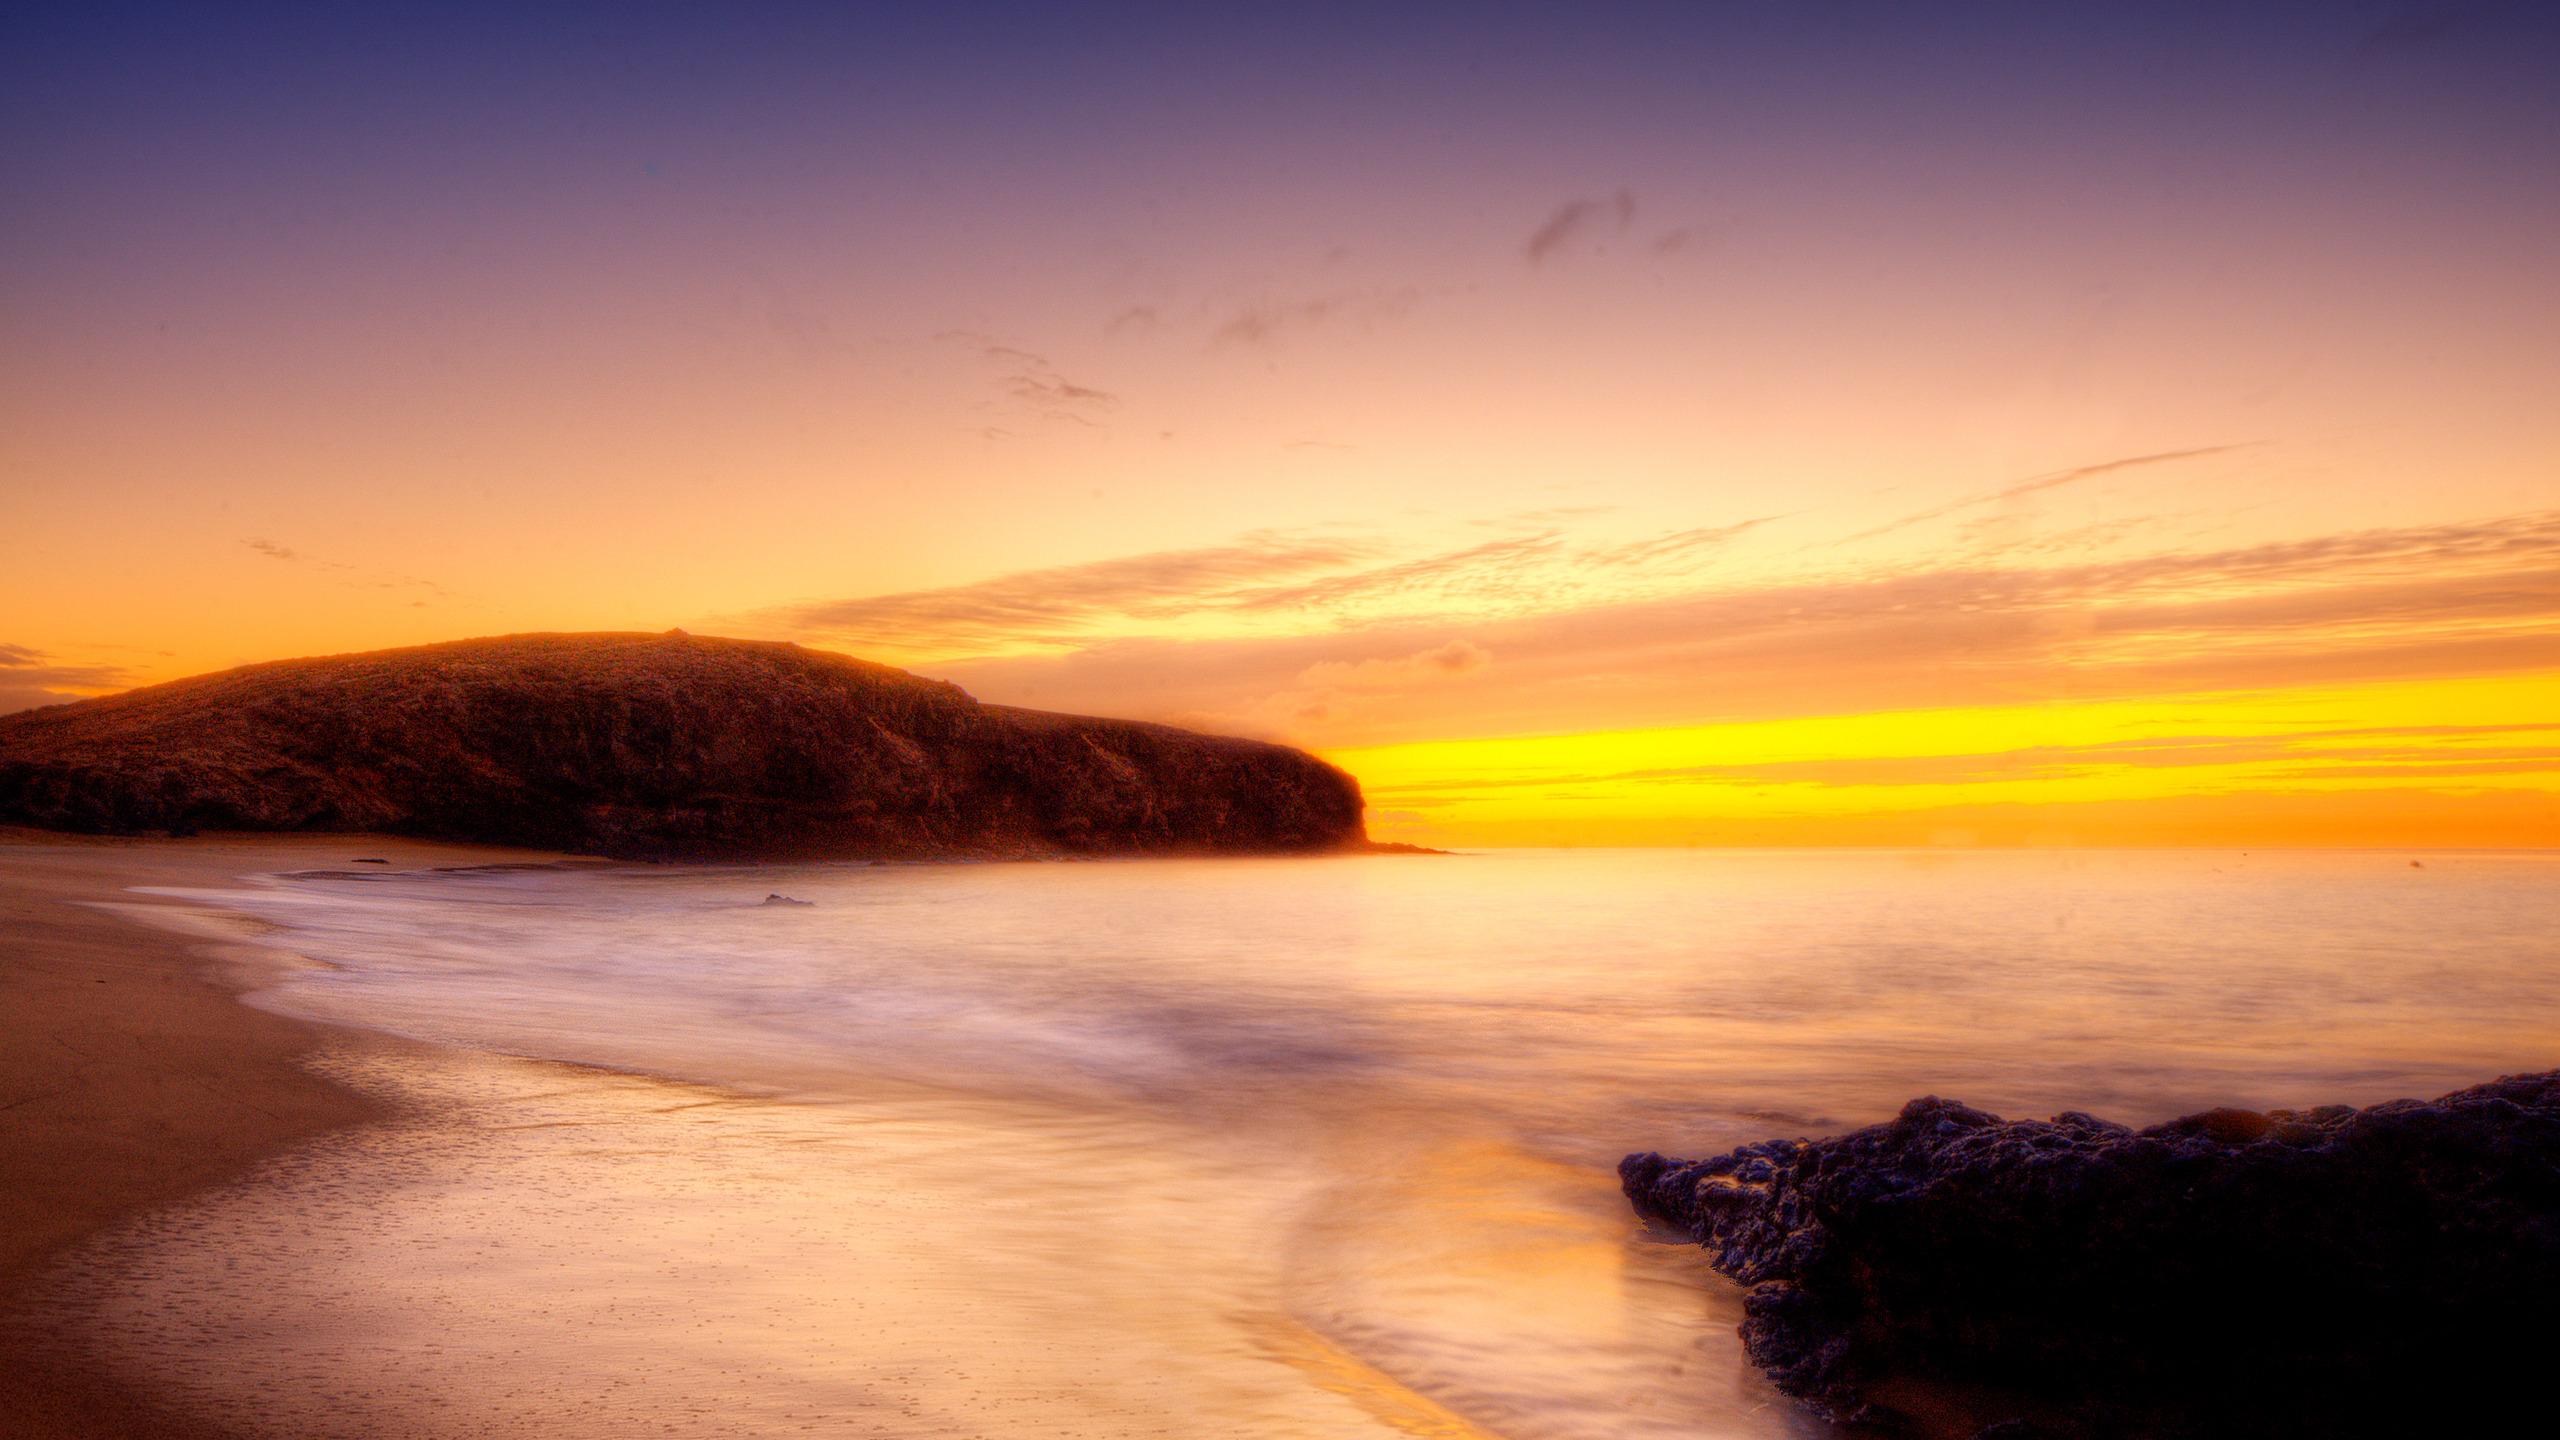 золотистый закат над морем  № 184538 загрузить